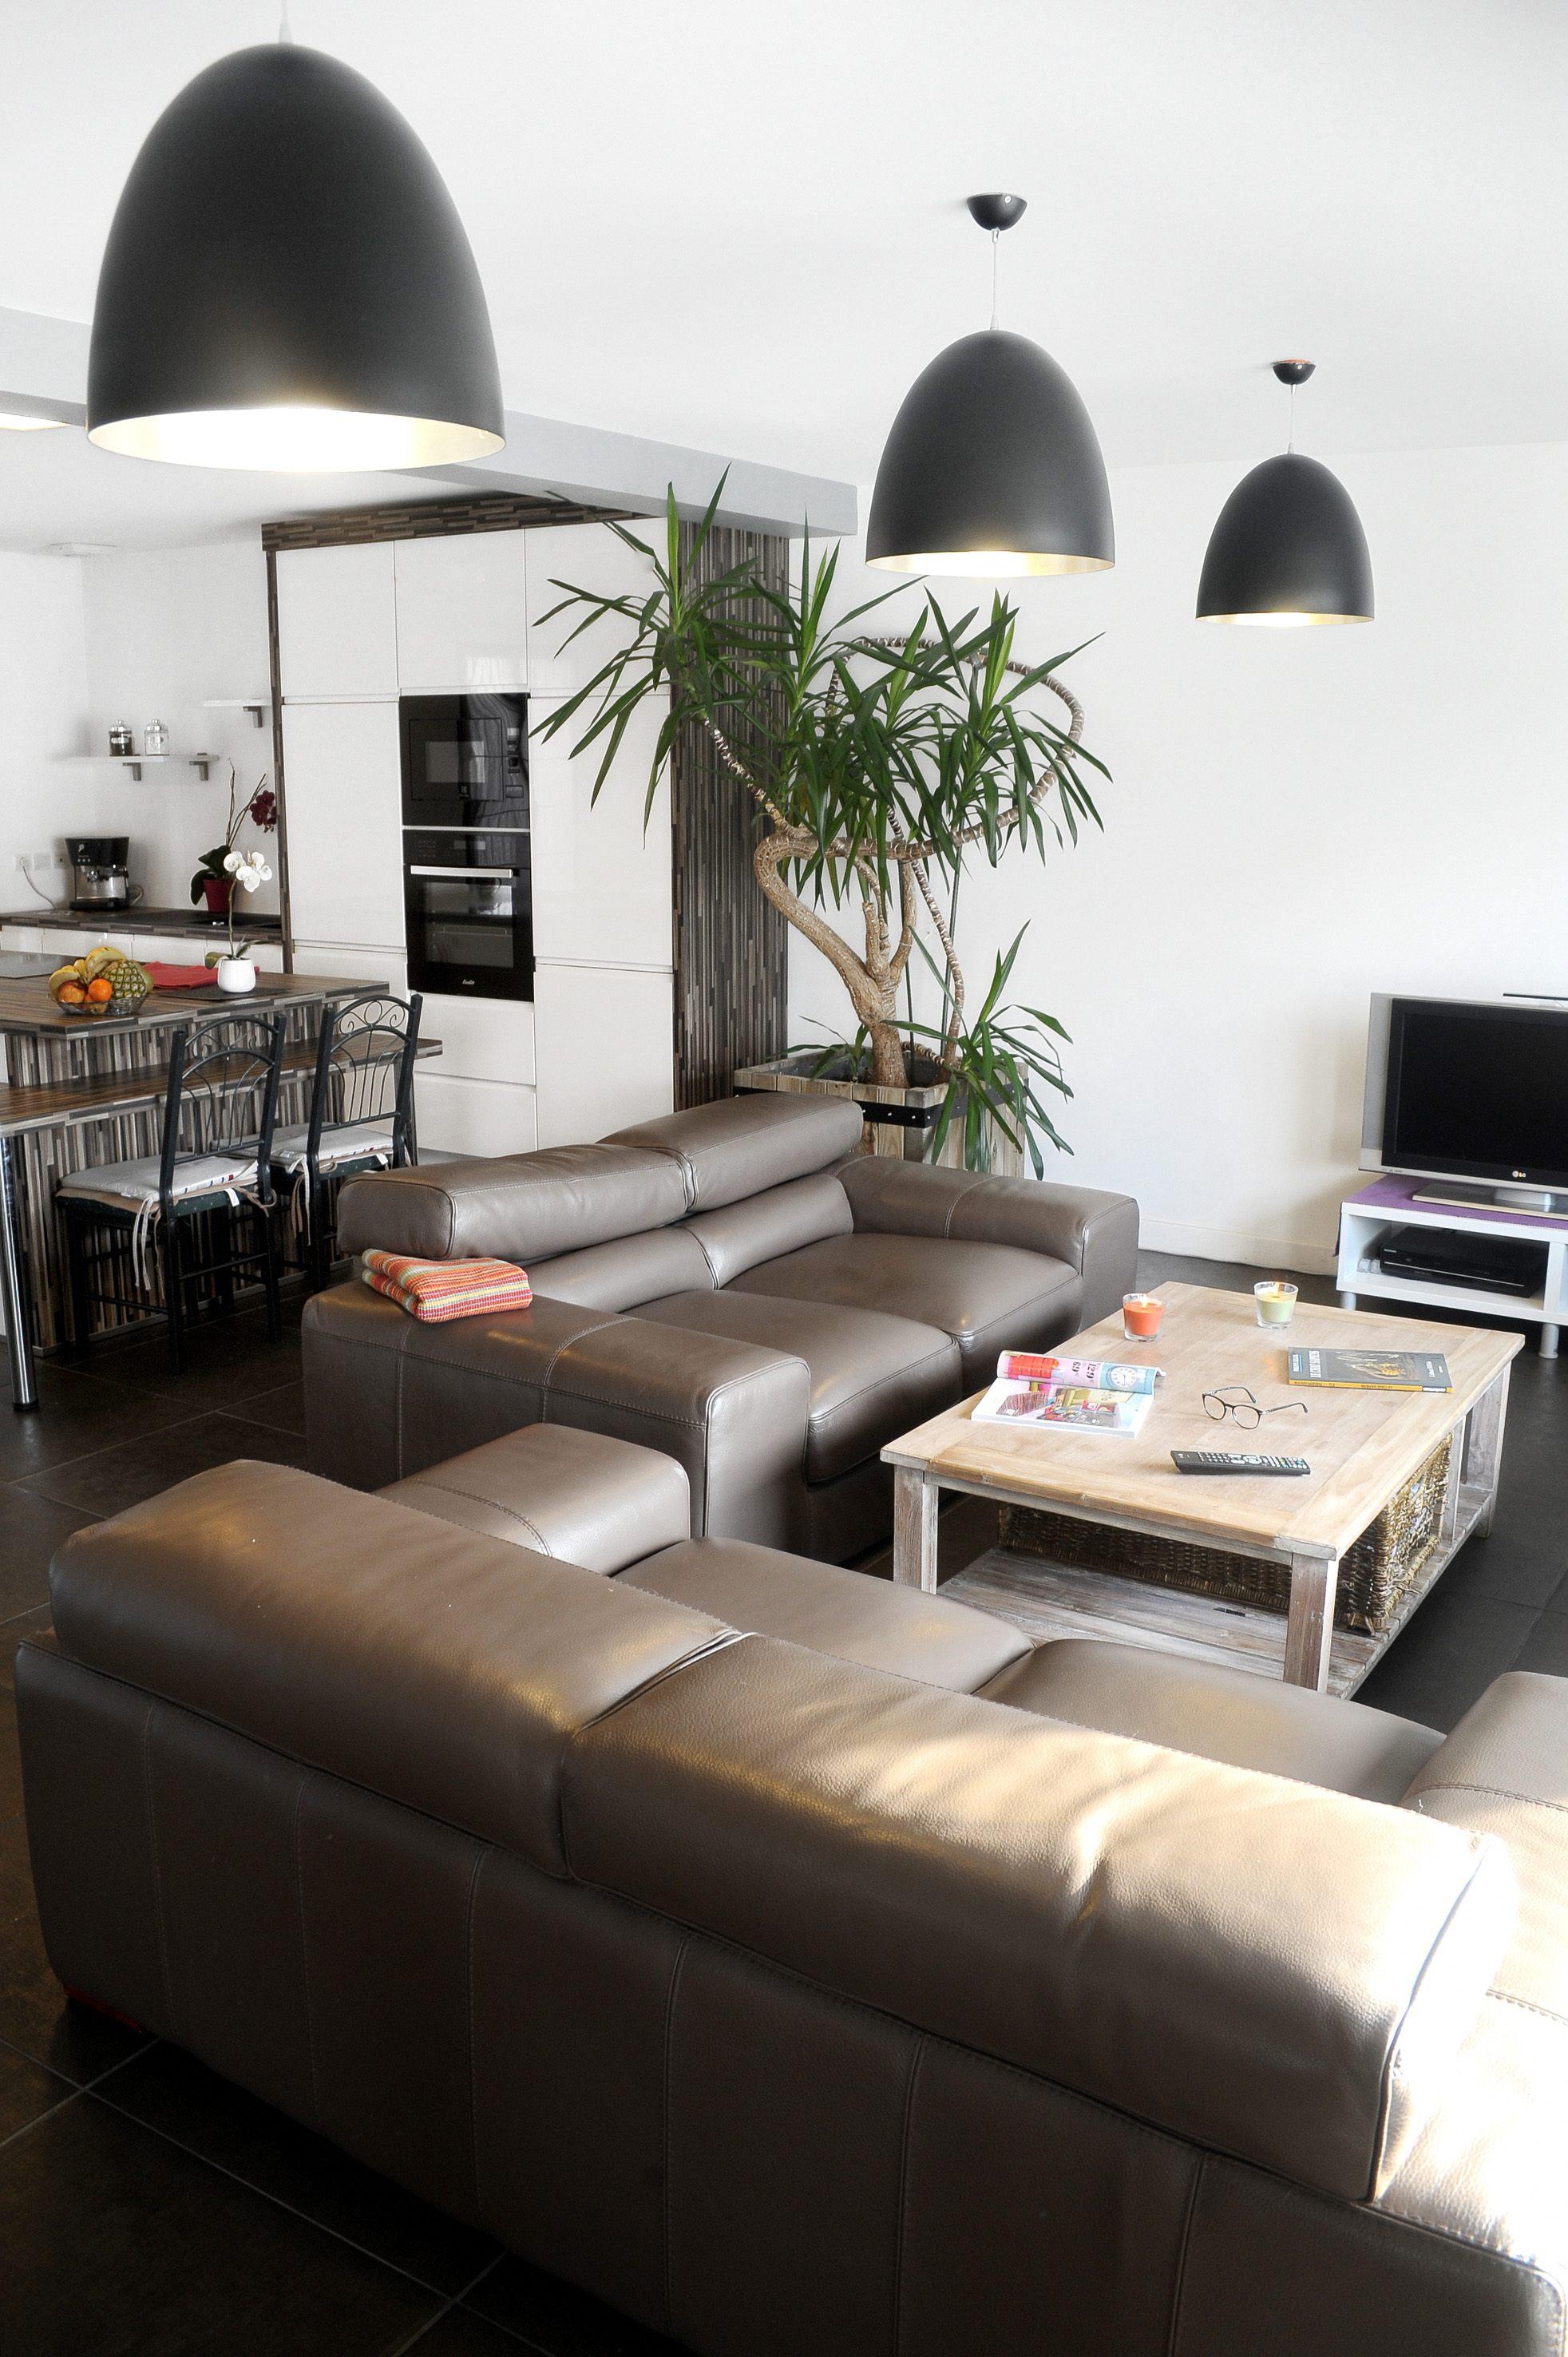 Maisons + Terrains du constructeur Maisons Phénix La-Roche-Sur-Yon • 86 m² • LE POIRE SUR VIE